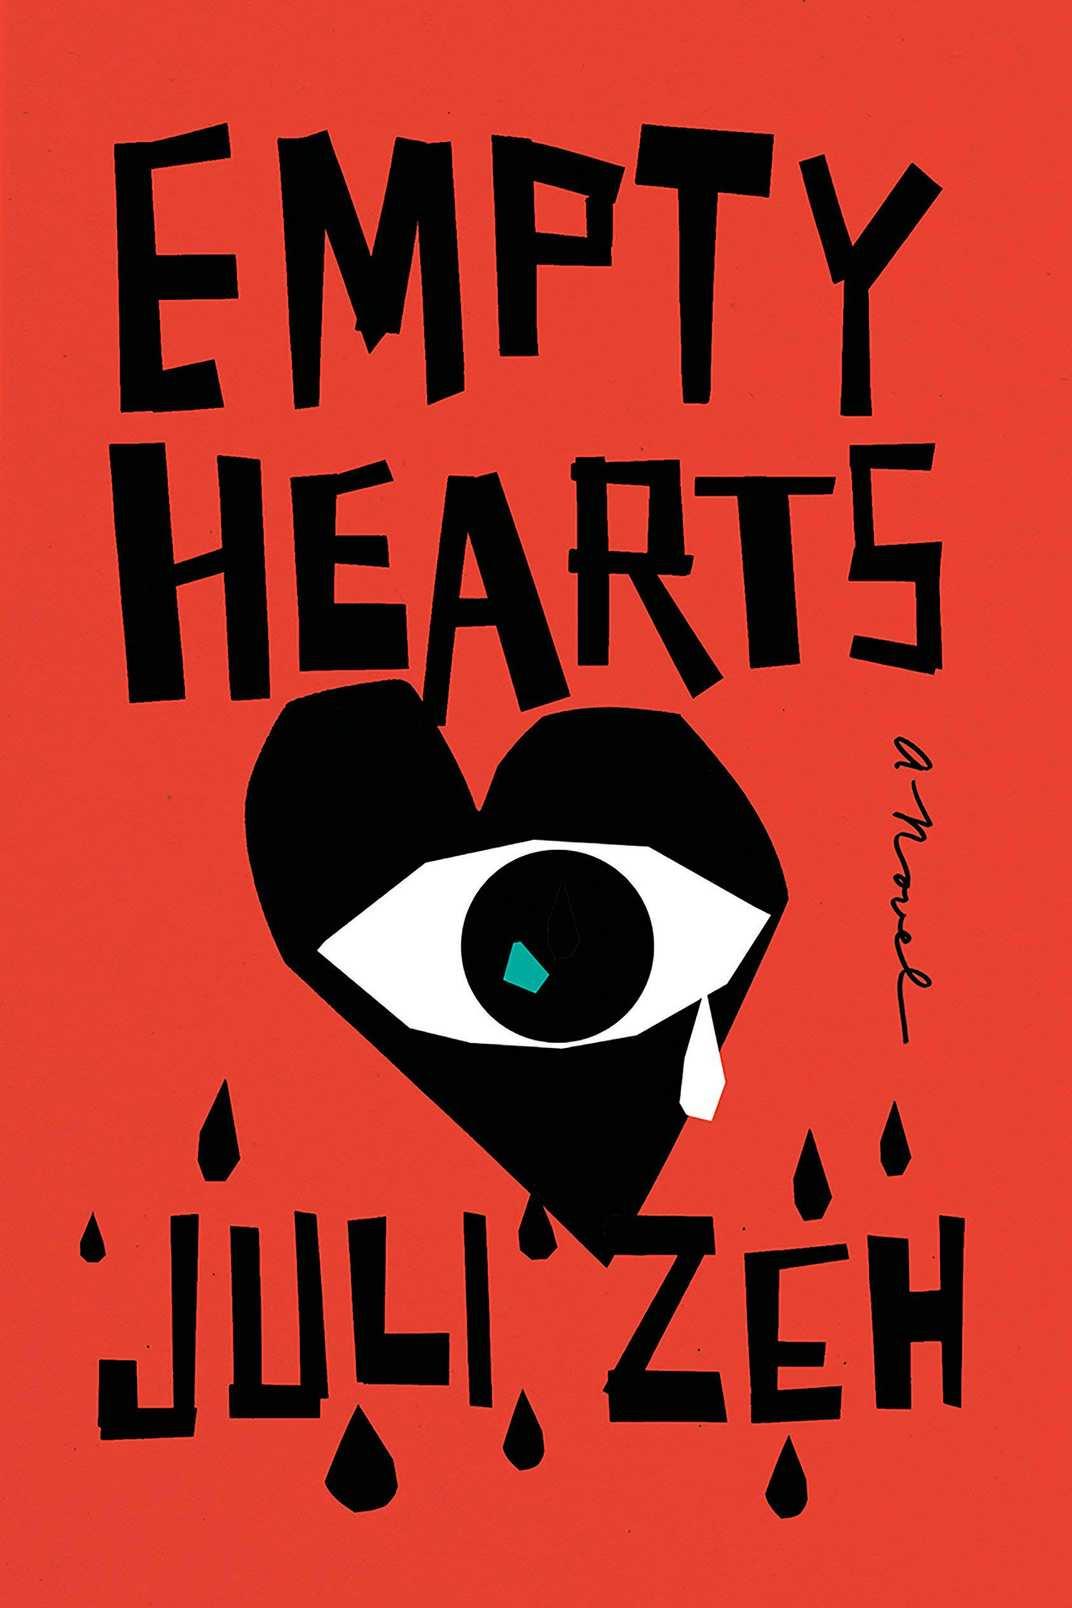 Empty Hearts, by Juli Zeh, trans. John Cullen (Nan A. Talese, August 20)